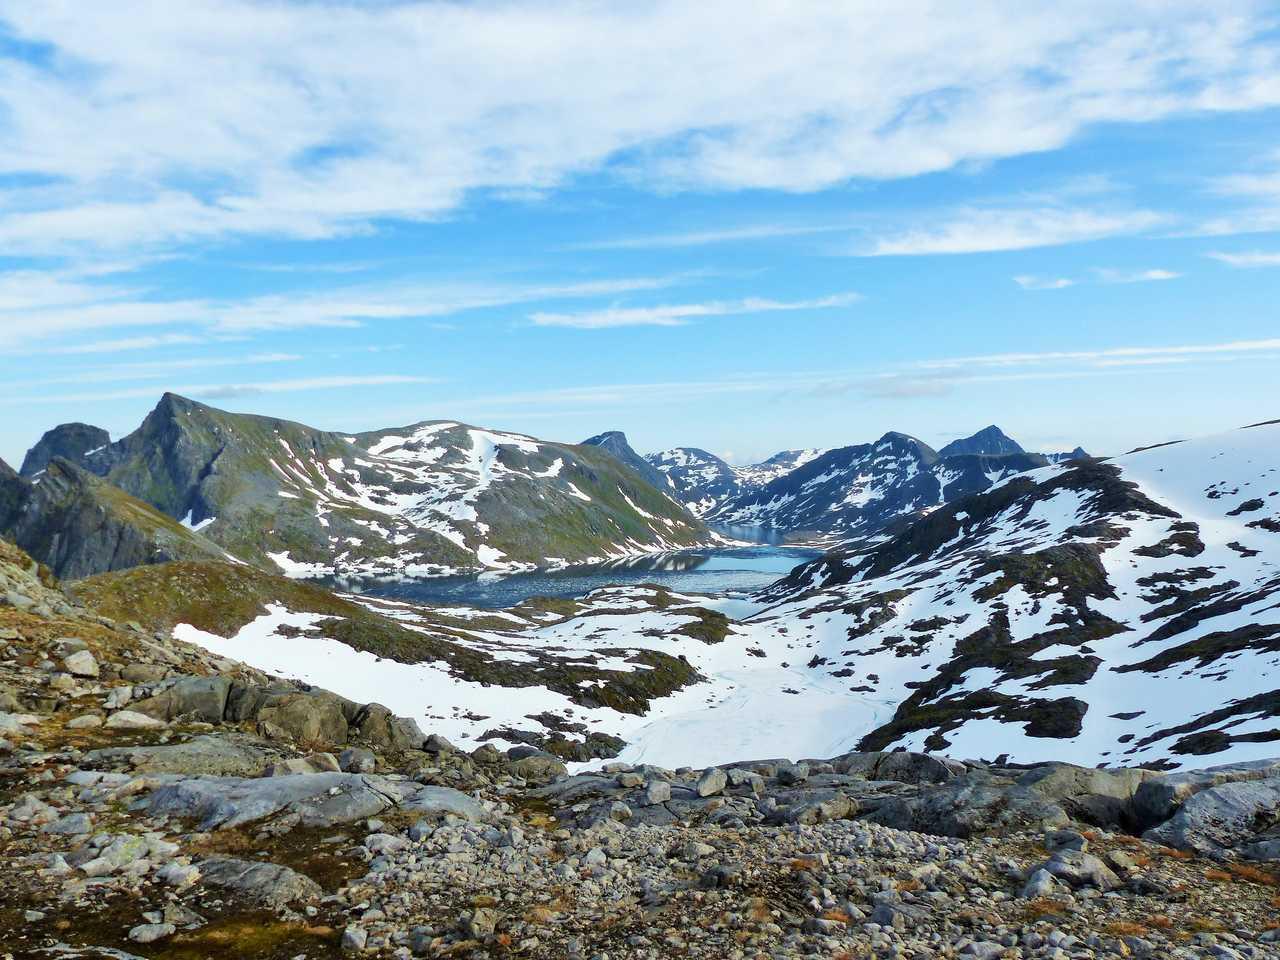 Paysage de Norvège, Senja sous une fine couche de neige